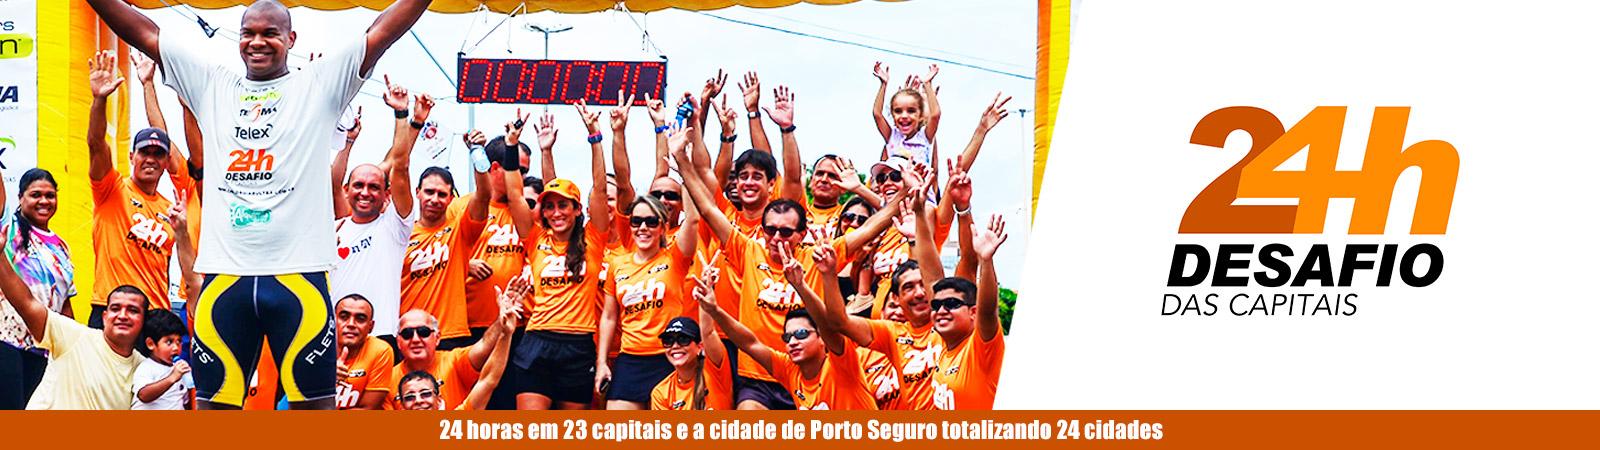 DESAFIO 24 HORAS DAS CAPITAIS - ETAPA CUIABÁ/MT - Imagem de topo